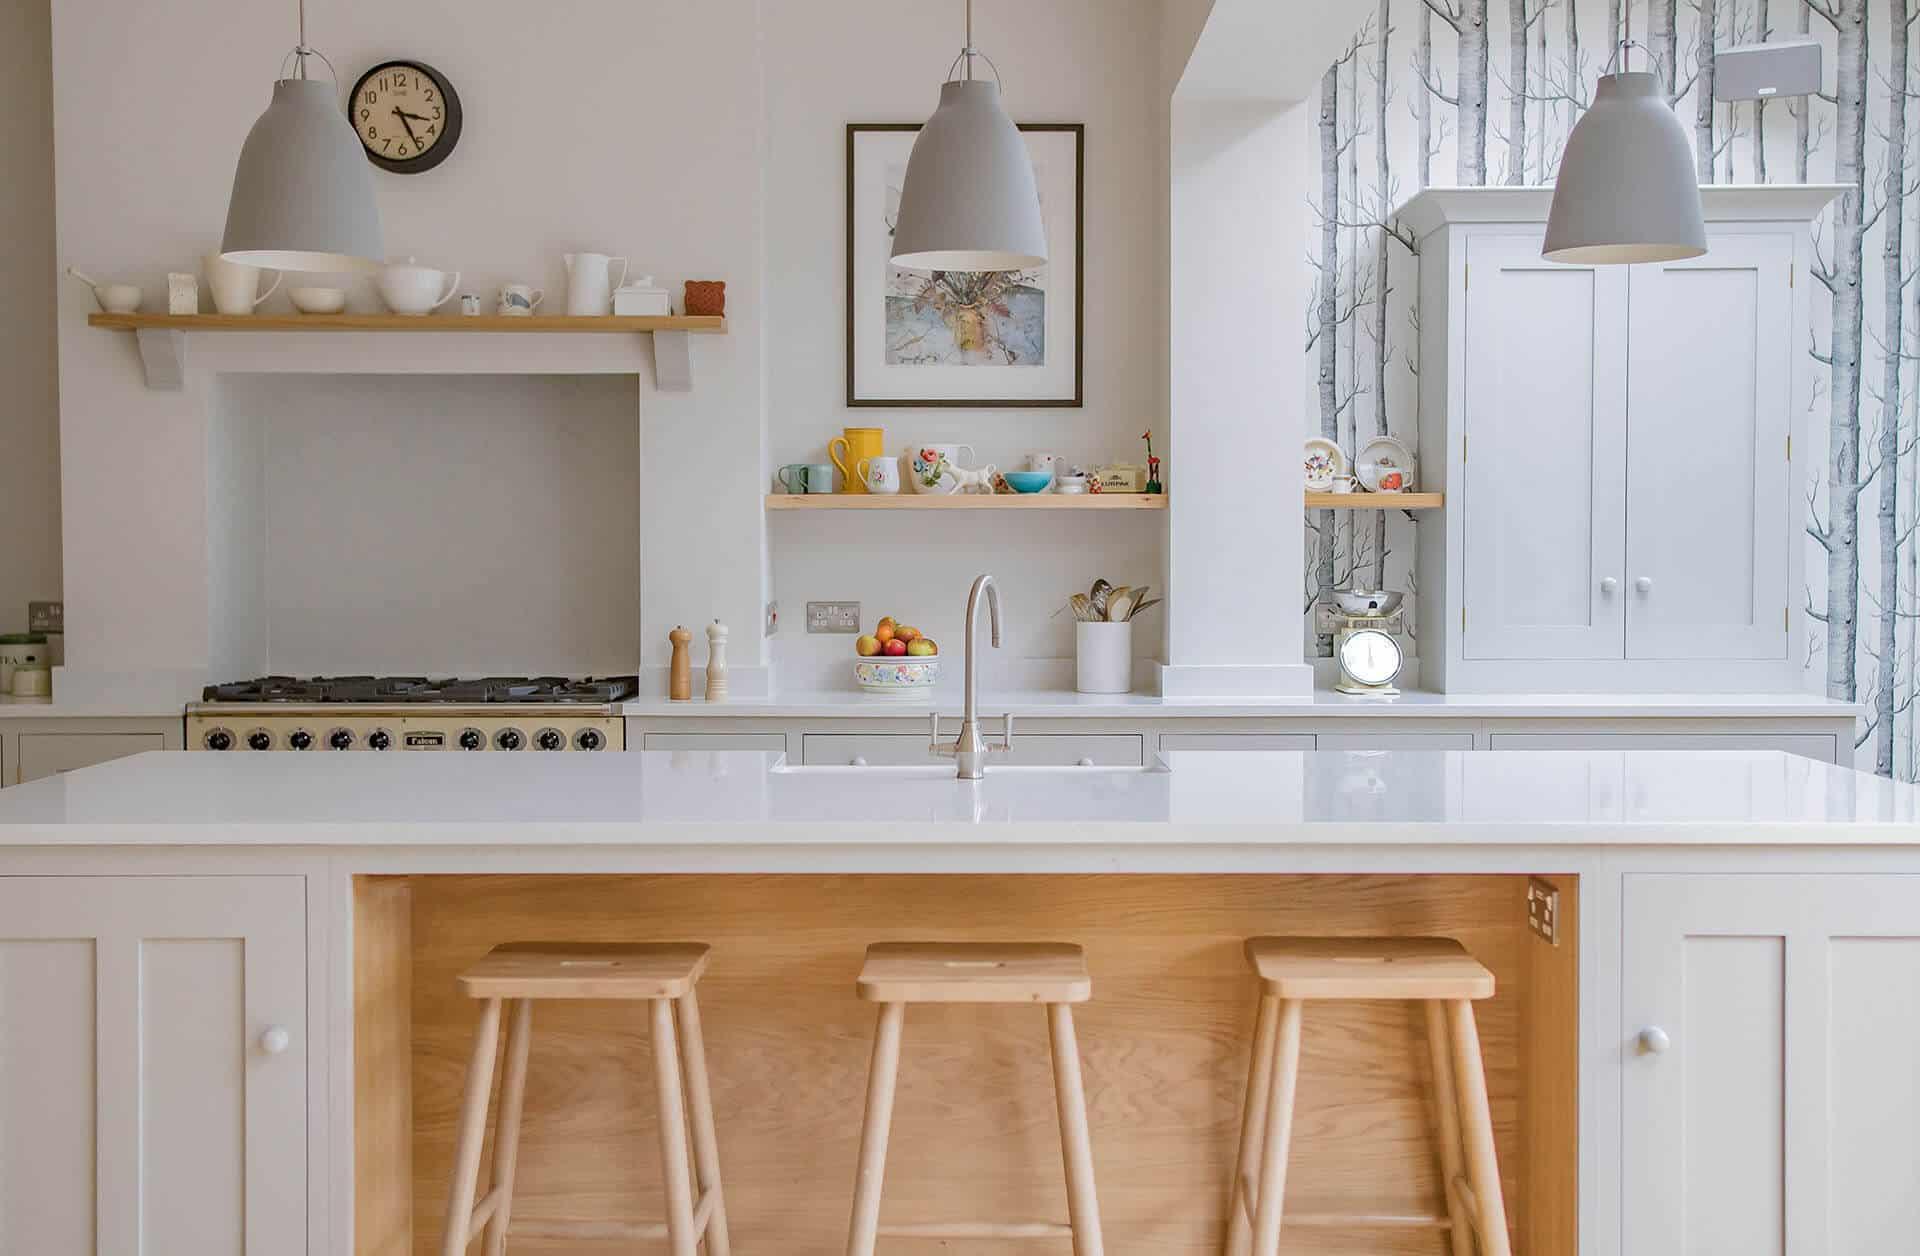 Скандинавская Лесная Кухня с большим центром в центре и белой кварцевой столешницей